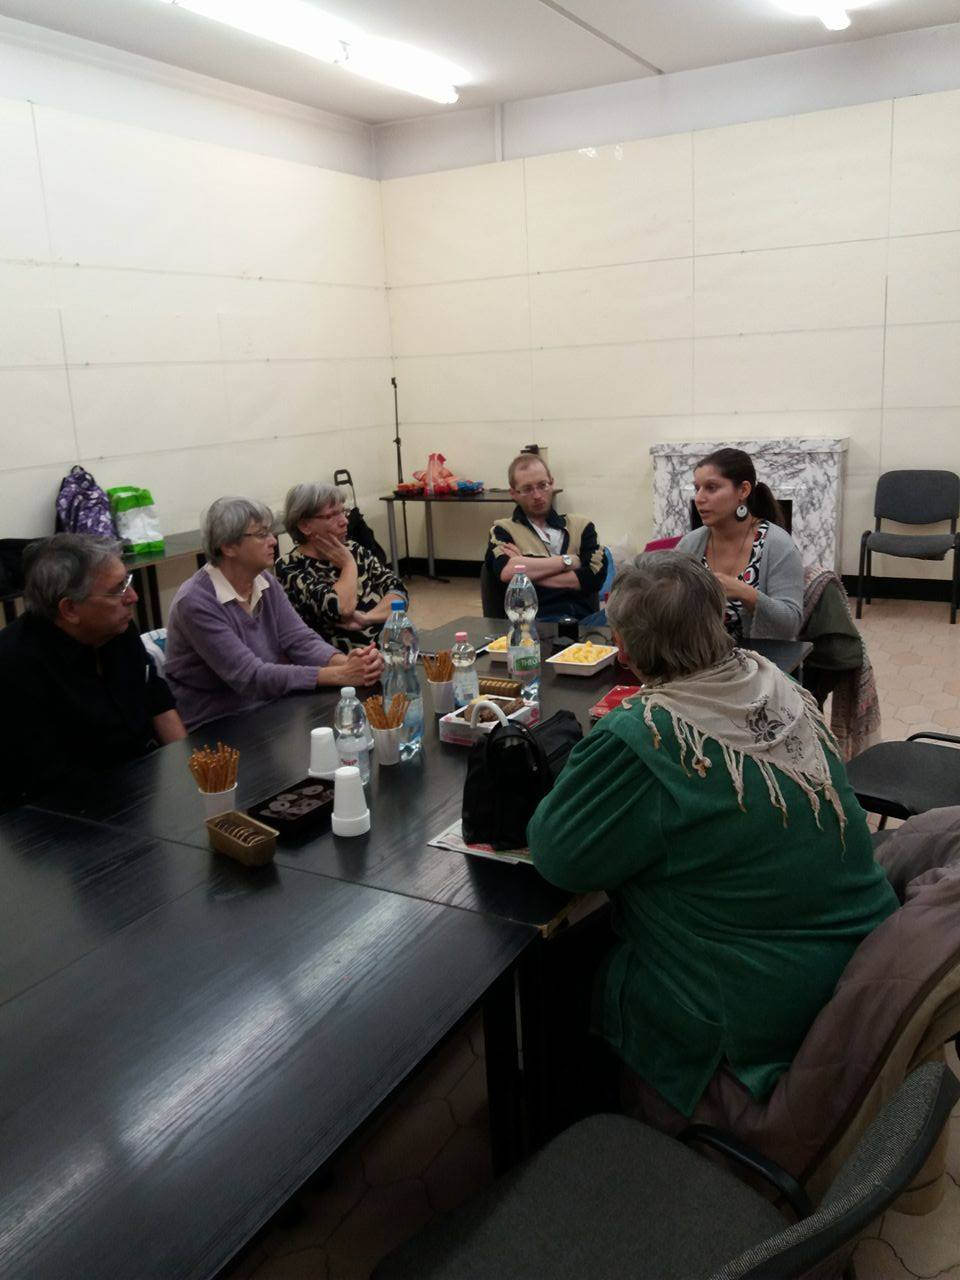 Klubtagokkal és a klubvezetőkkel körülvéve ülünk Danival az asztalfőn, nagy átéléssel, gesztikulálva beszélek, mindenki figyel.